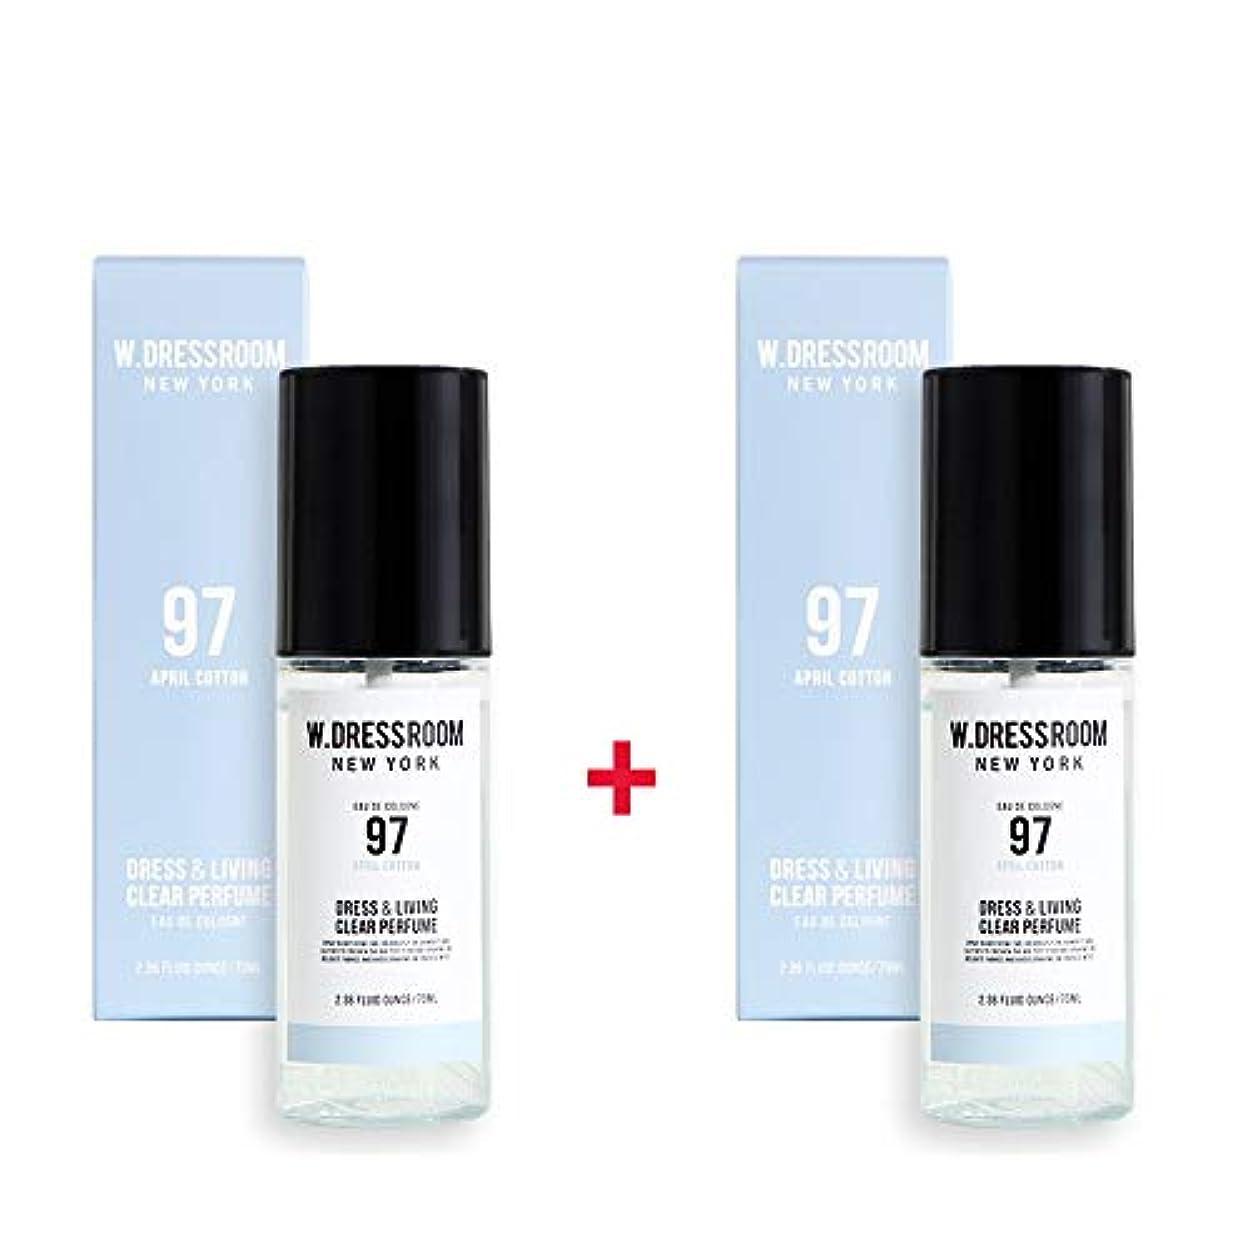 願望件名銀行W.DRESSROOM Dress & Living Clear Perfume 70ml (No 97 April Cotton)+(No 97 April Cotton)